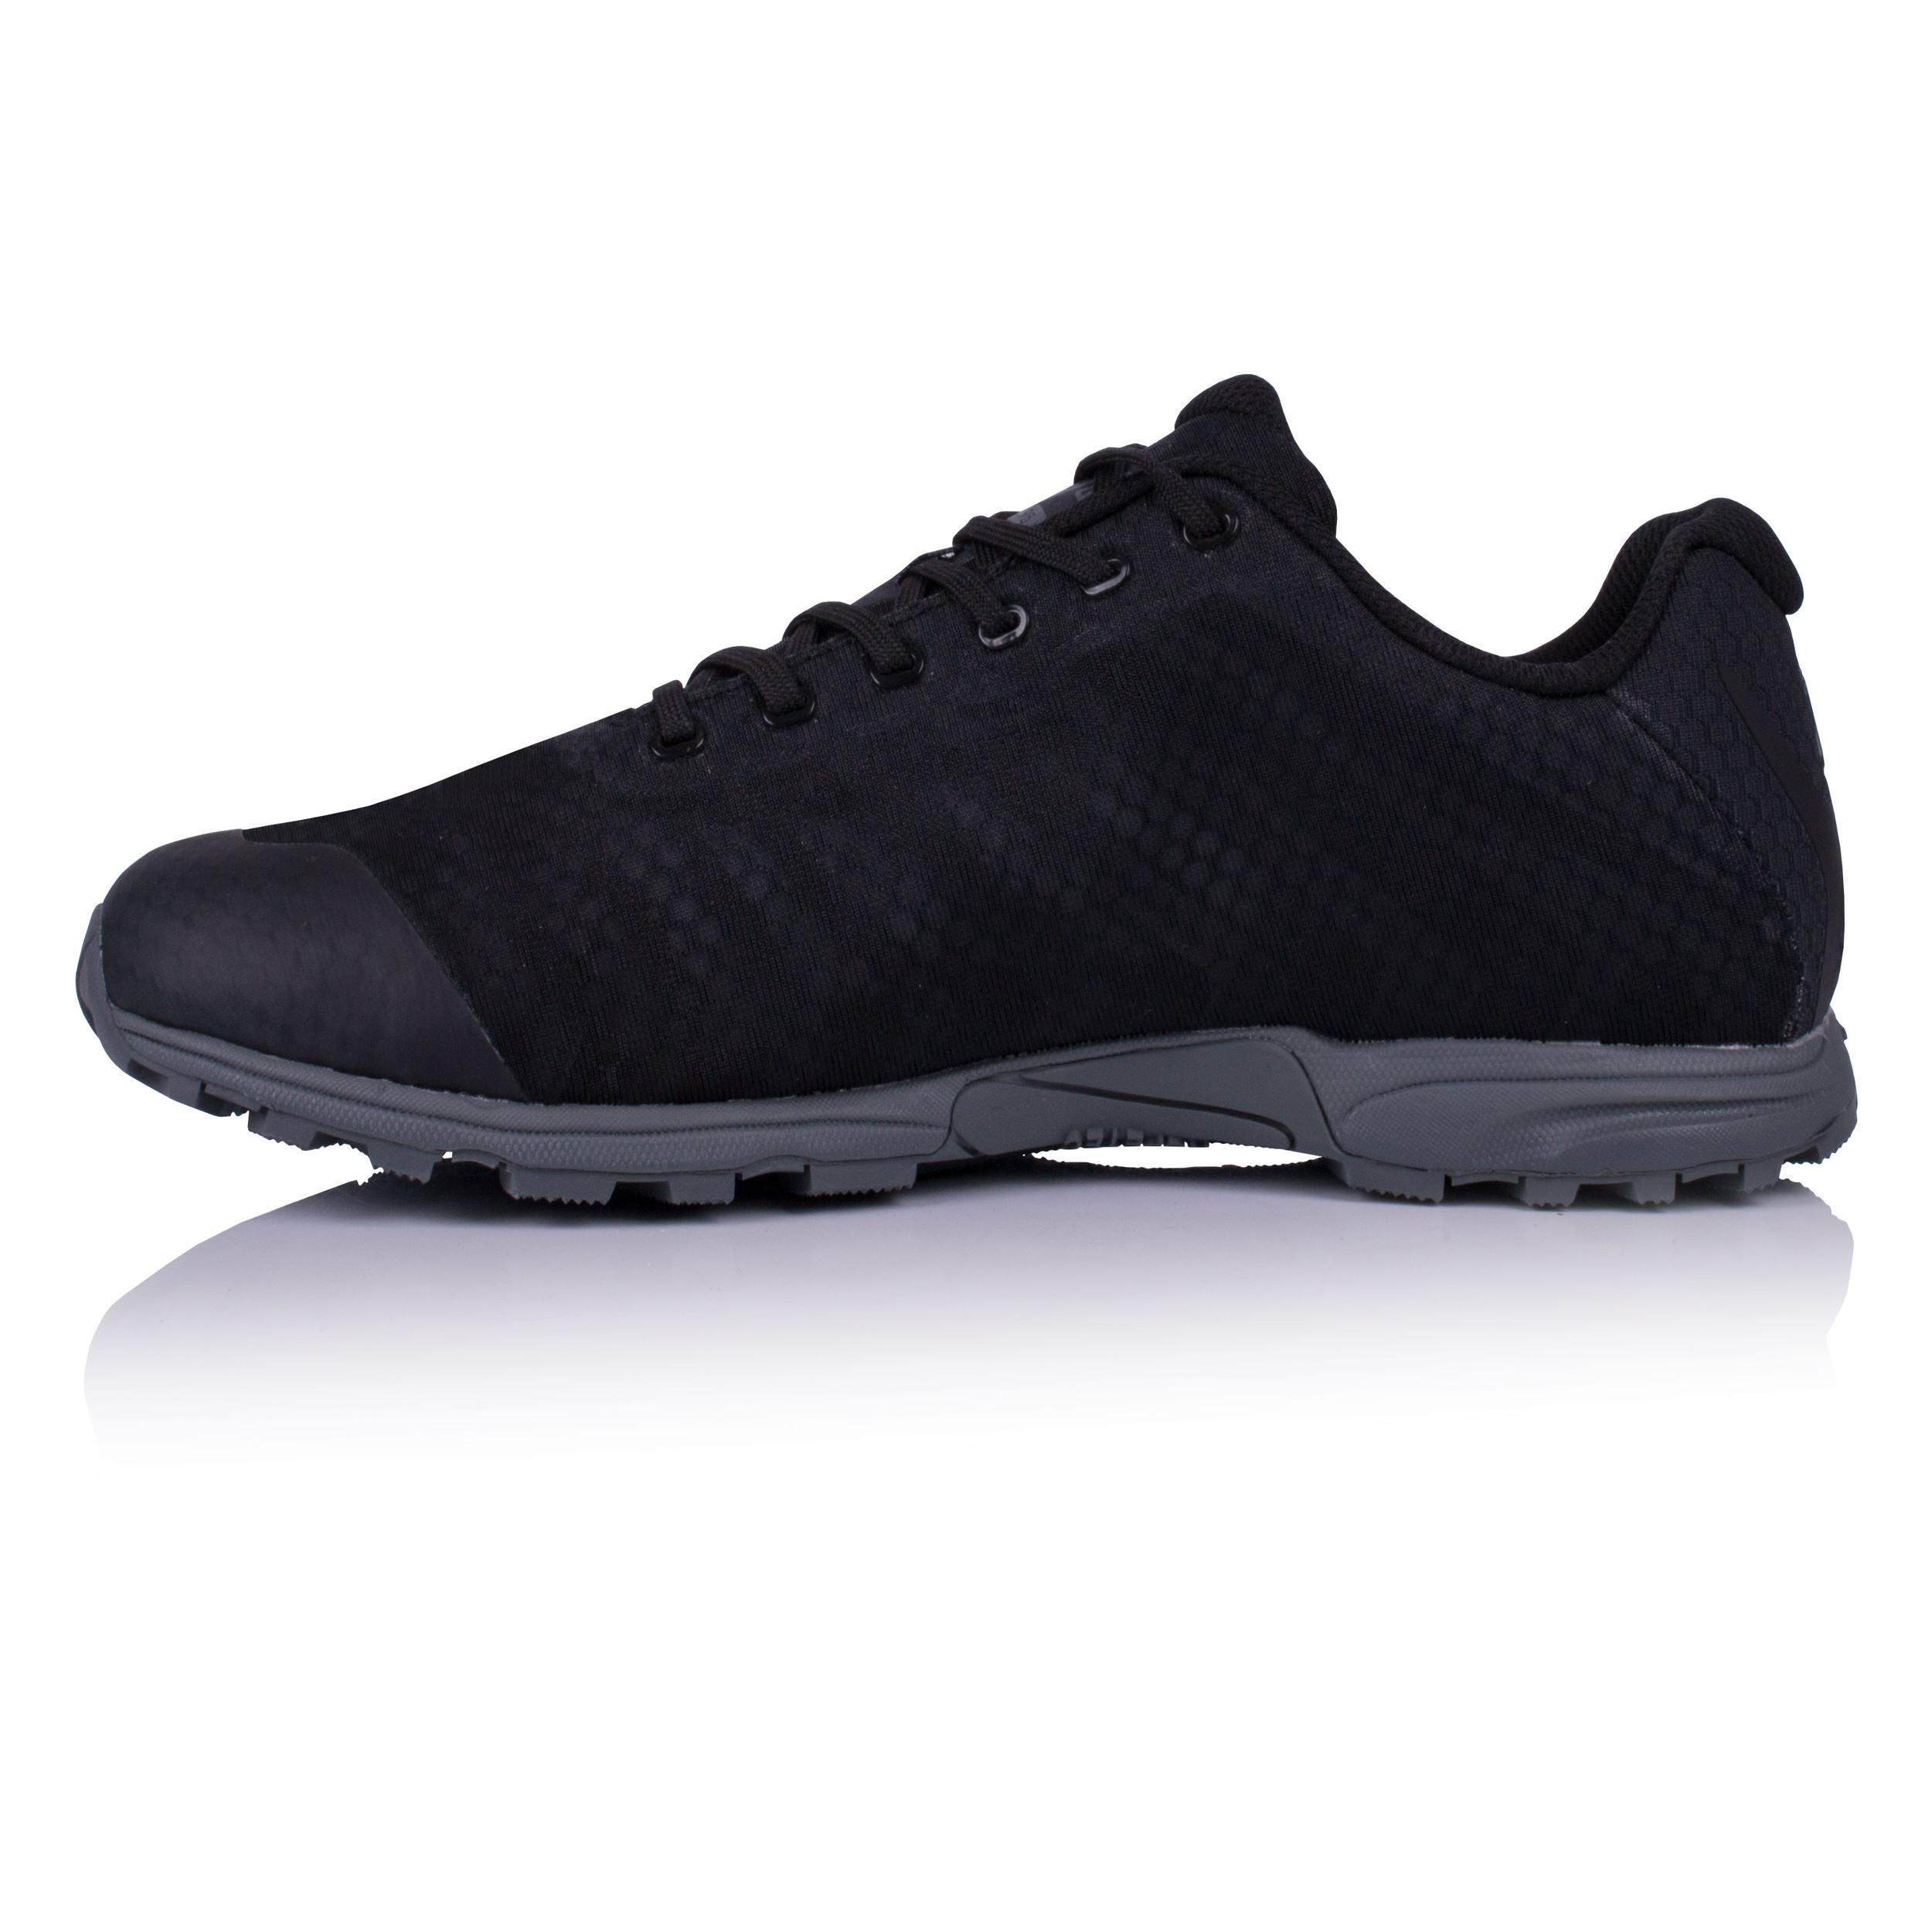 b3b715e67b4 ... Inov Inov Inov 8 F-Lite 195 V2 Homme Gris Noir Cross Training Chaussures  De ...